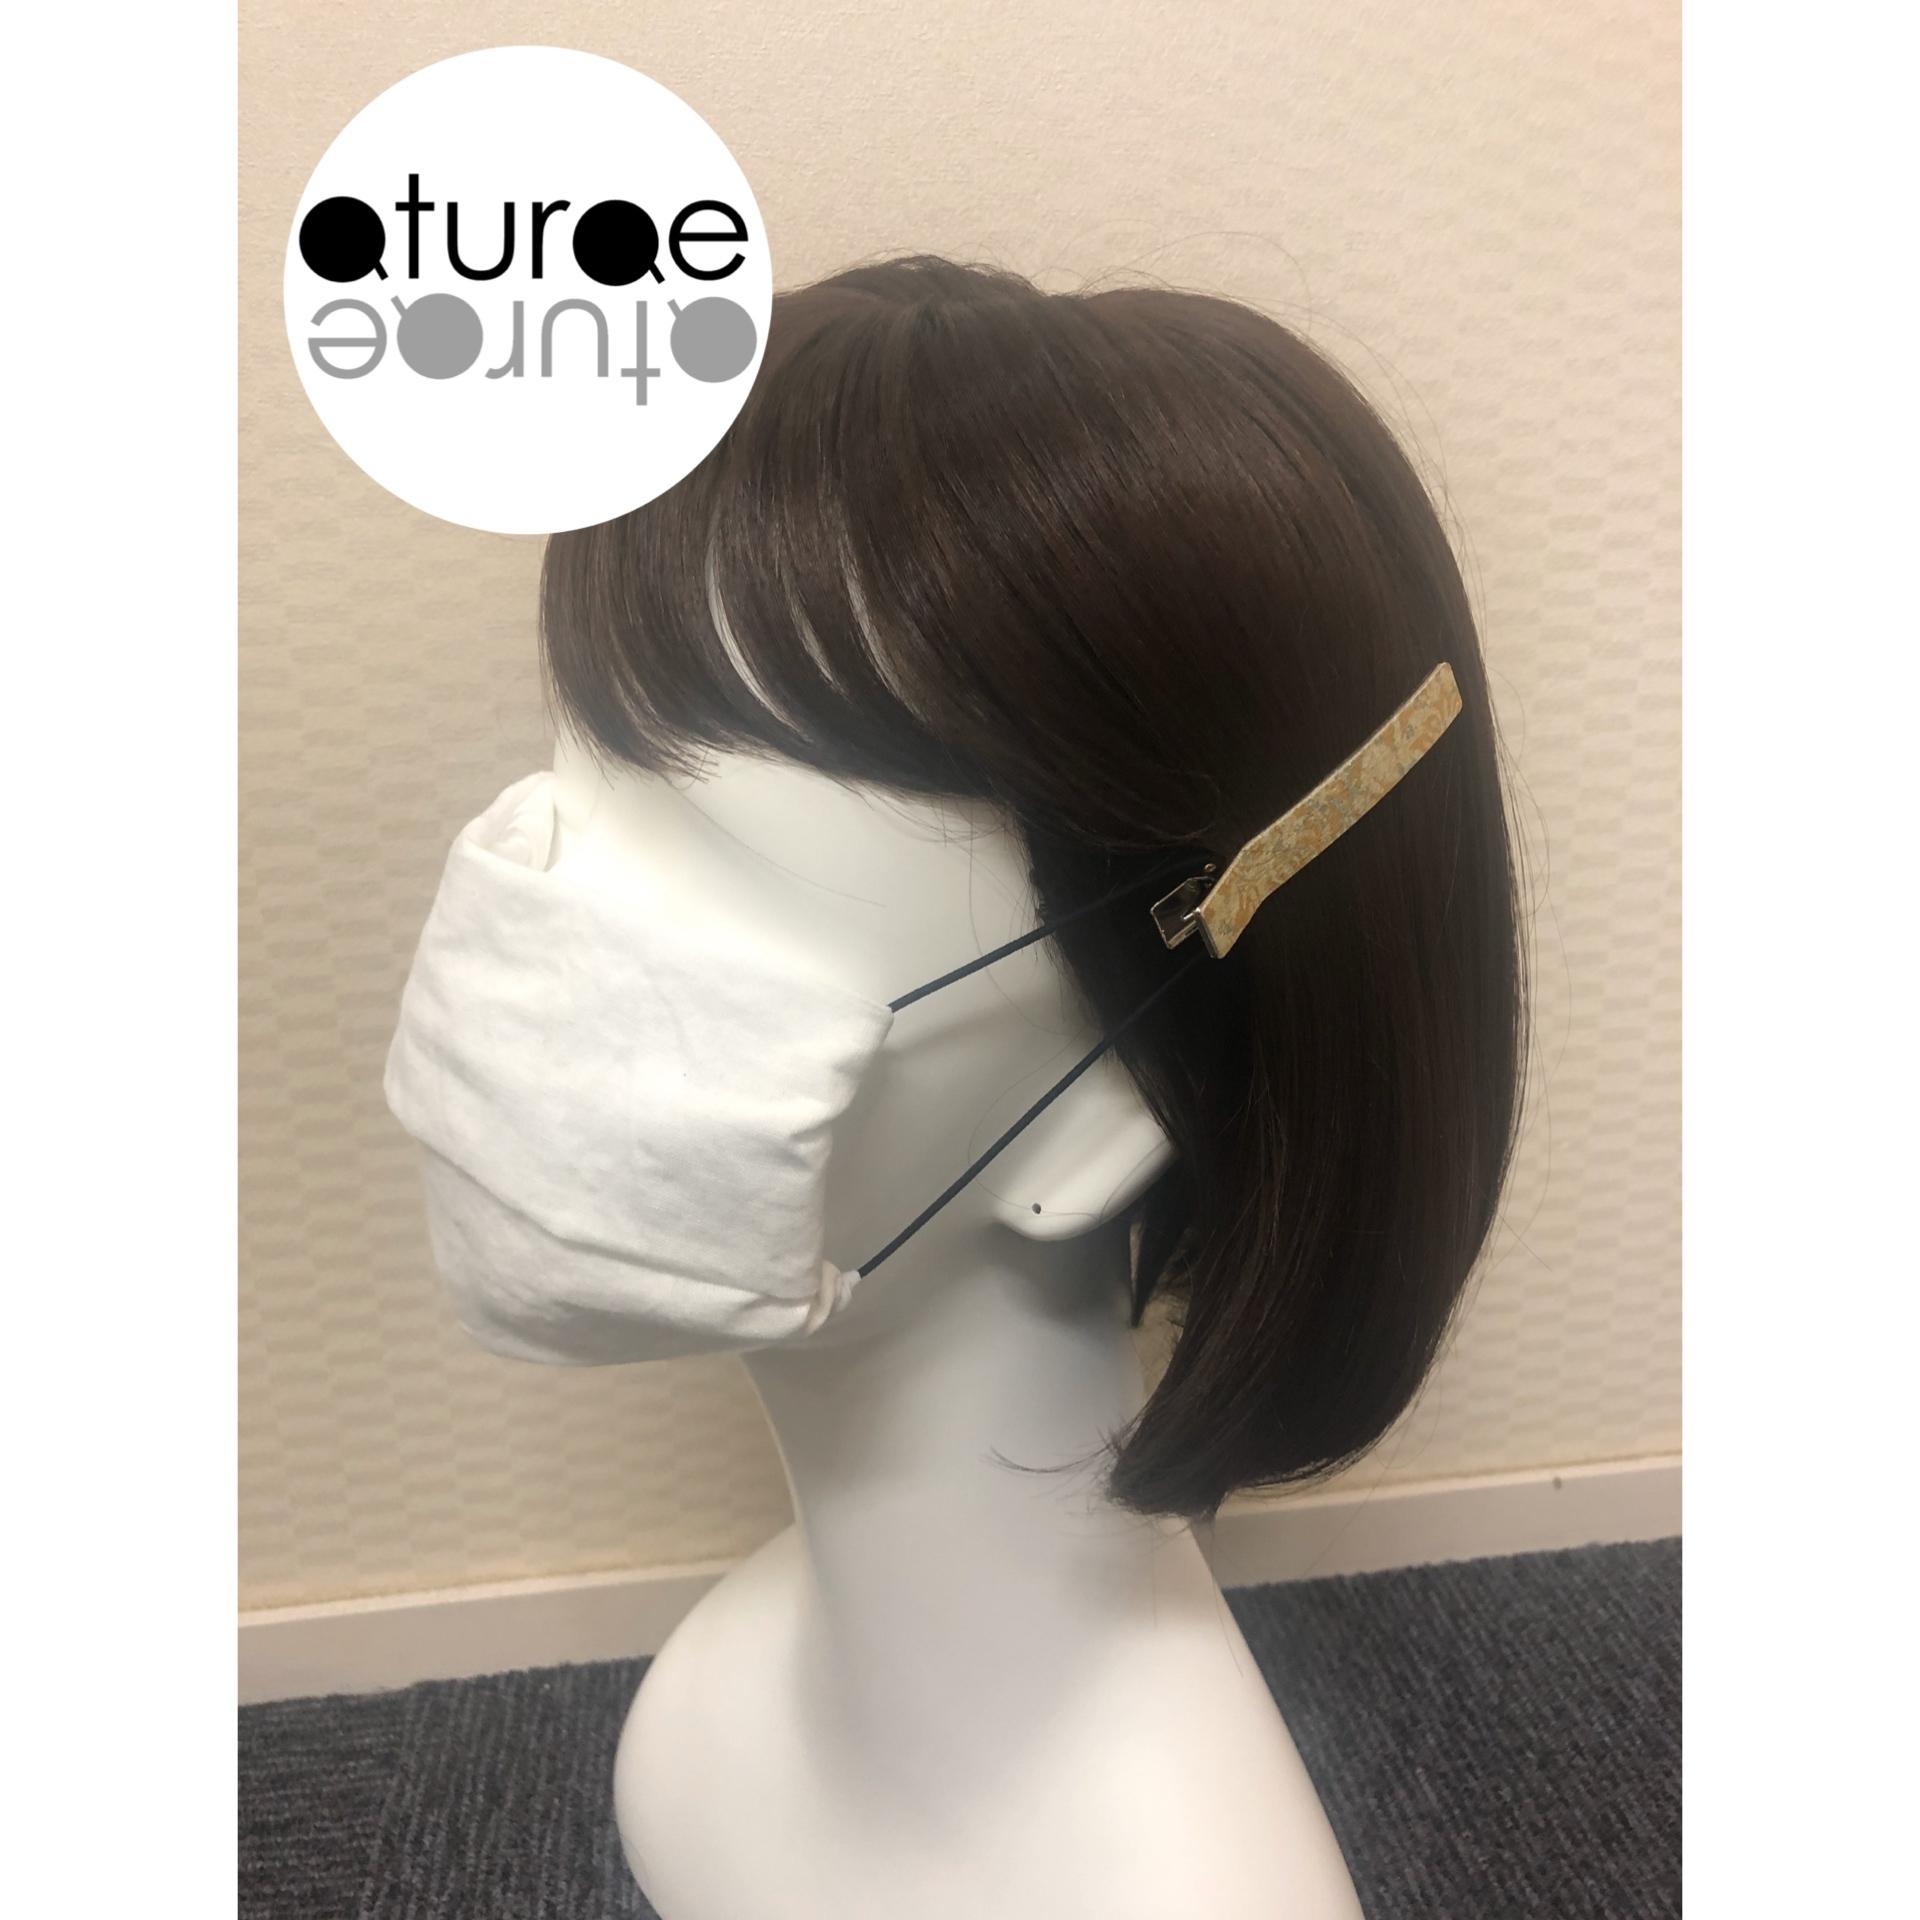 マスク留めヘアクリップ/ 2個セット /耳が痛くならない!軽くて使いやすい!アクセサリー